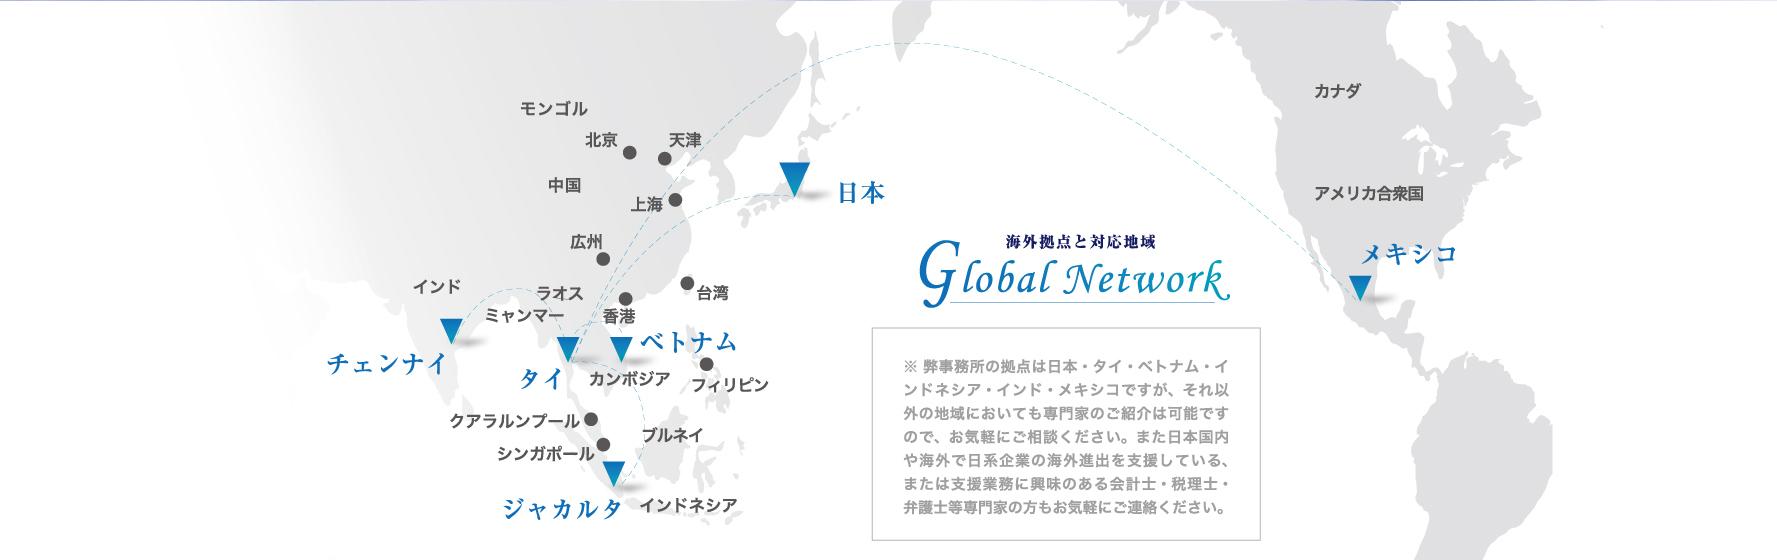 ASIA ALLIANCE PARTNER CO., LTD. - 企業検索 - ワイズデジタル【タイで働く人のための情報サイト】